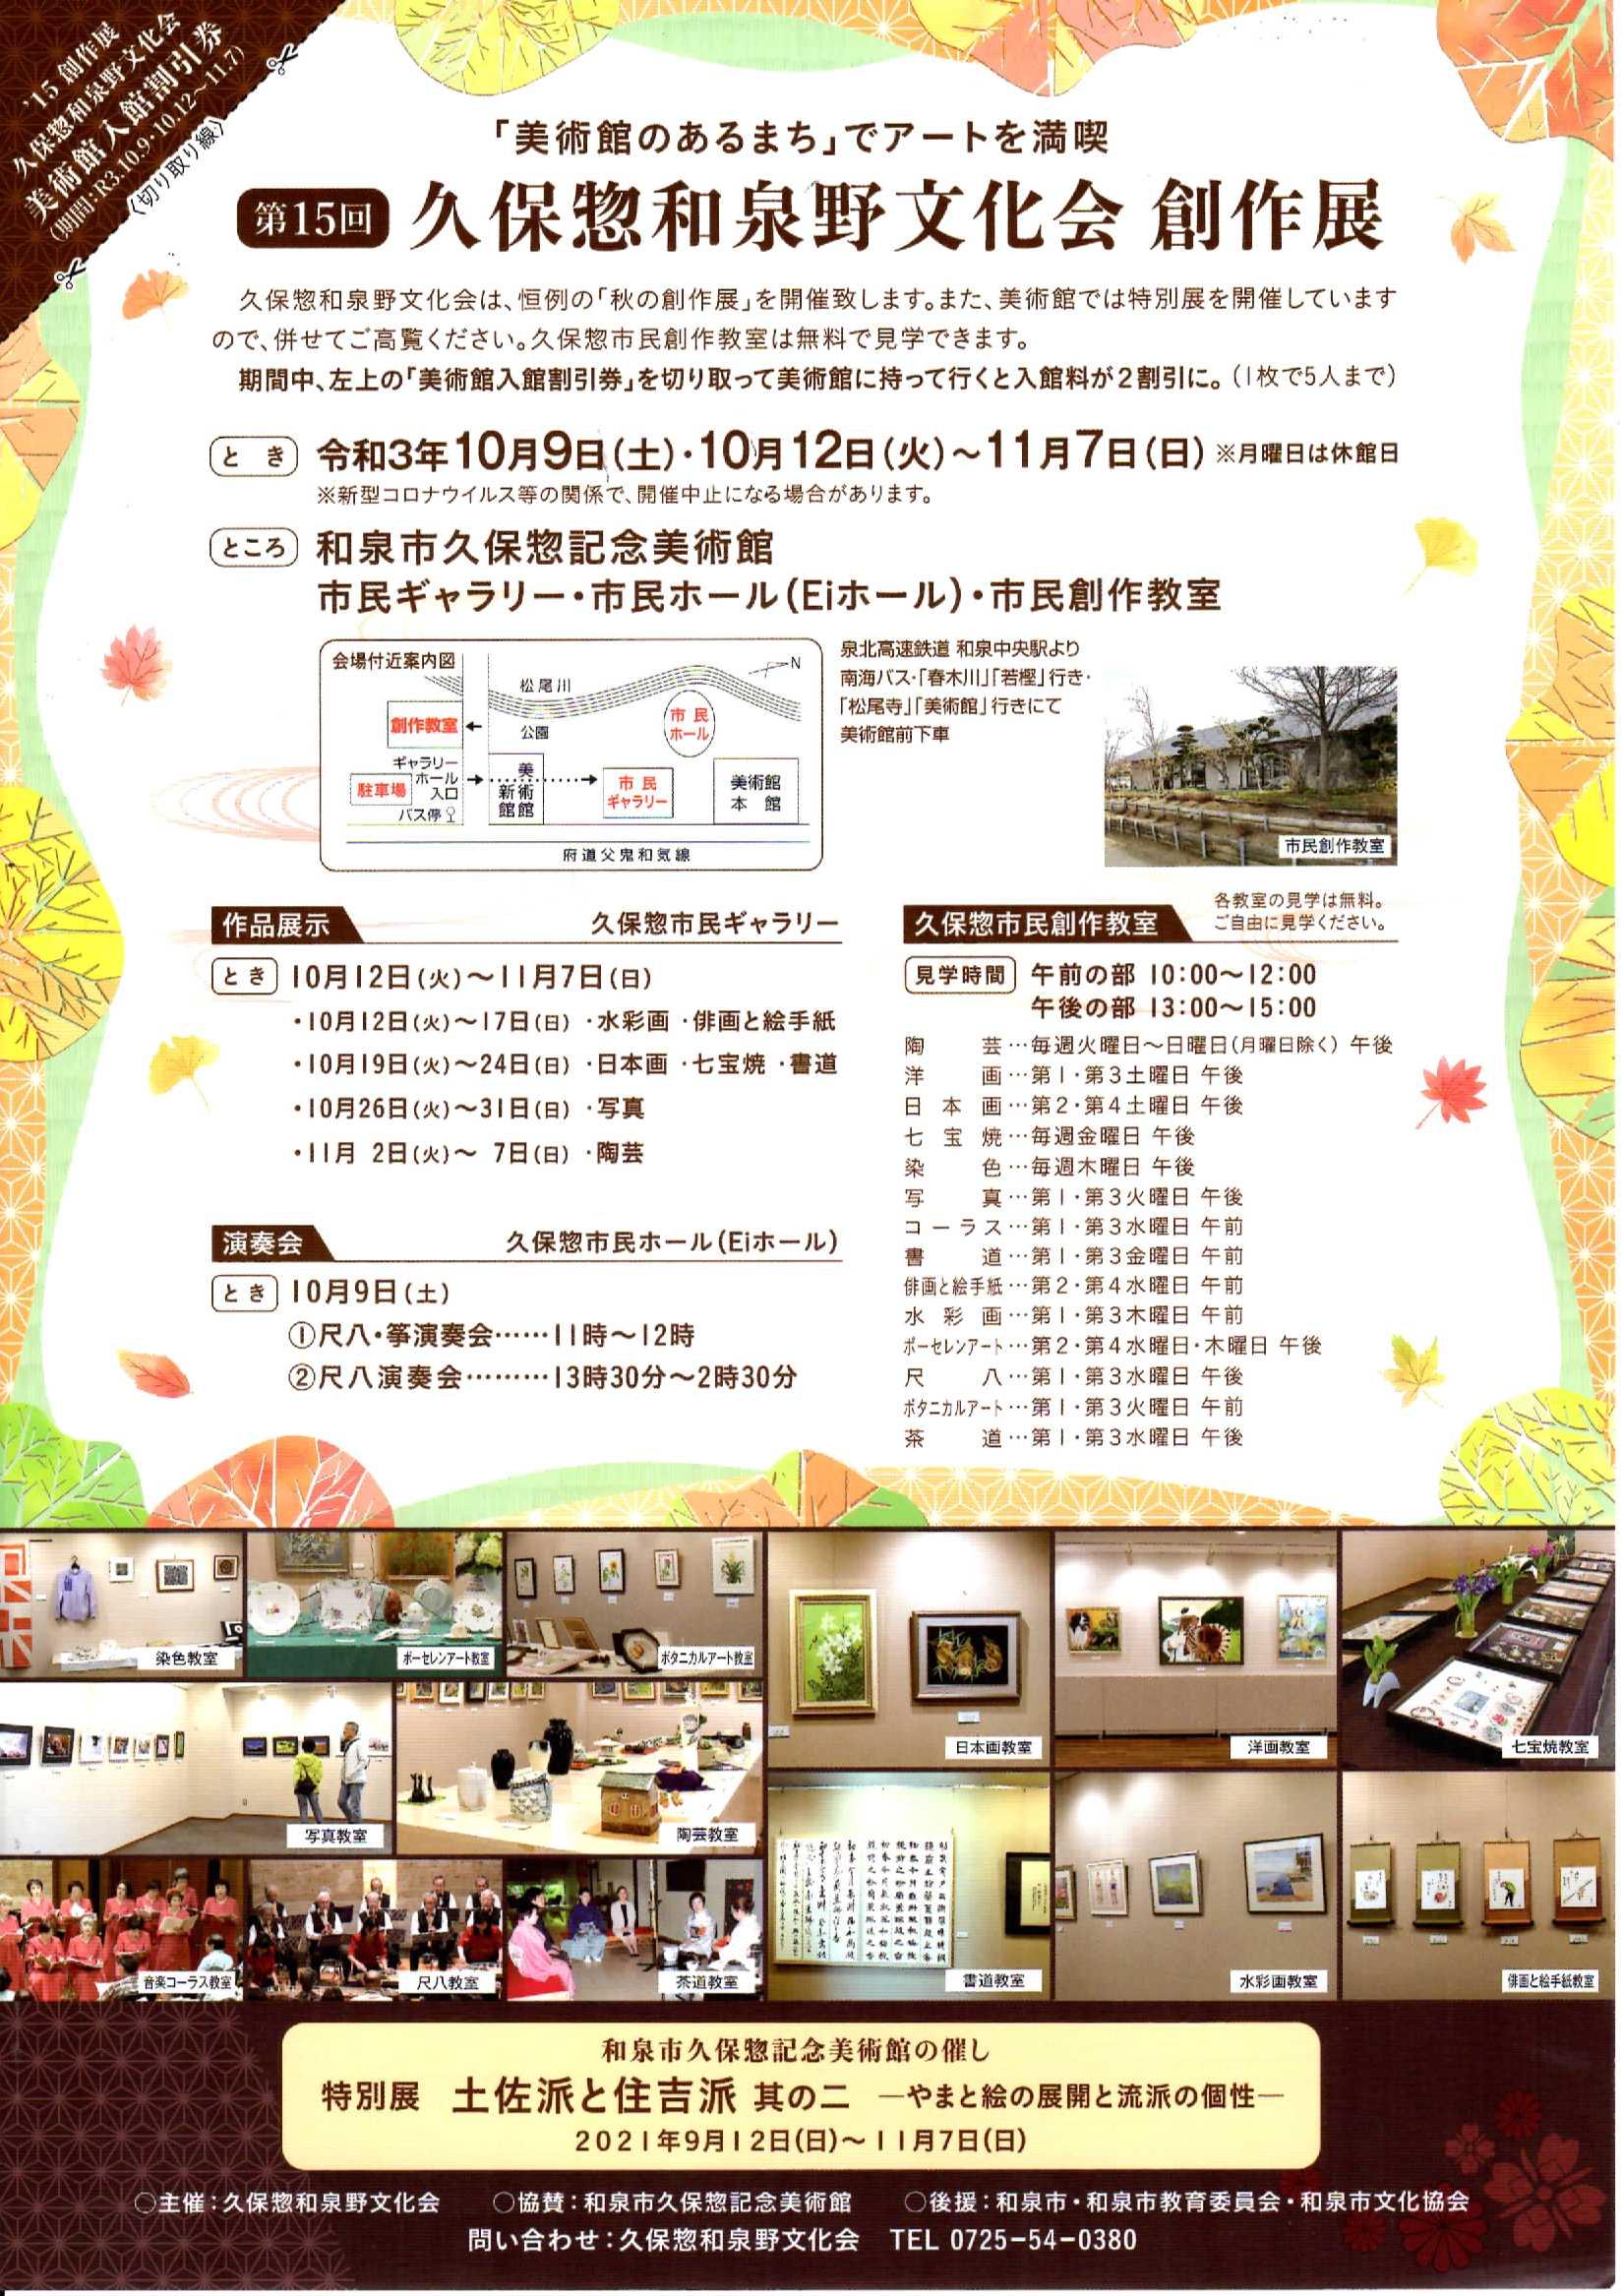 2021年10月9日(土)・12日(火)~11月7日(日)第15回 久保惣和泉野文化会創作展